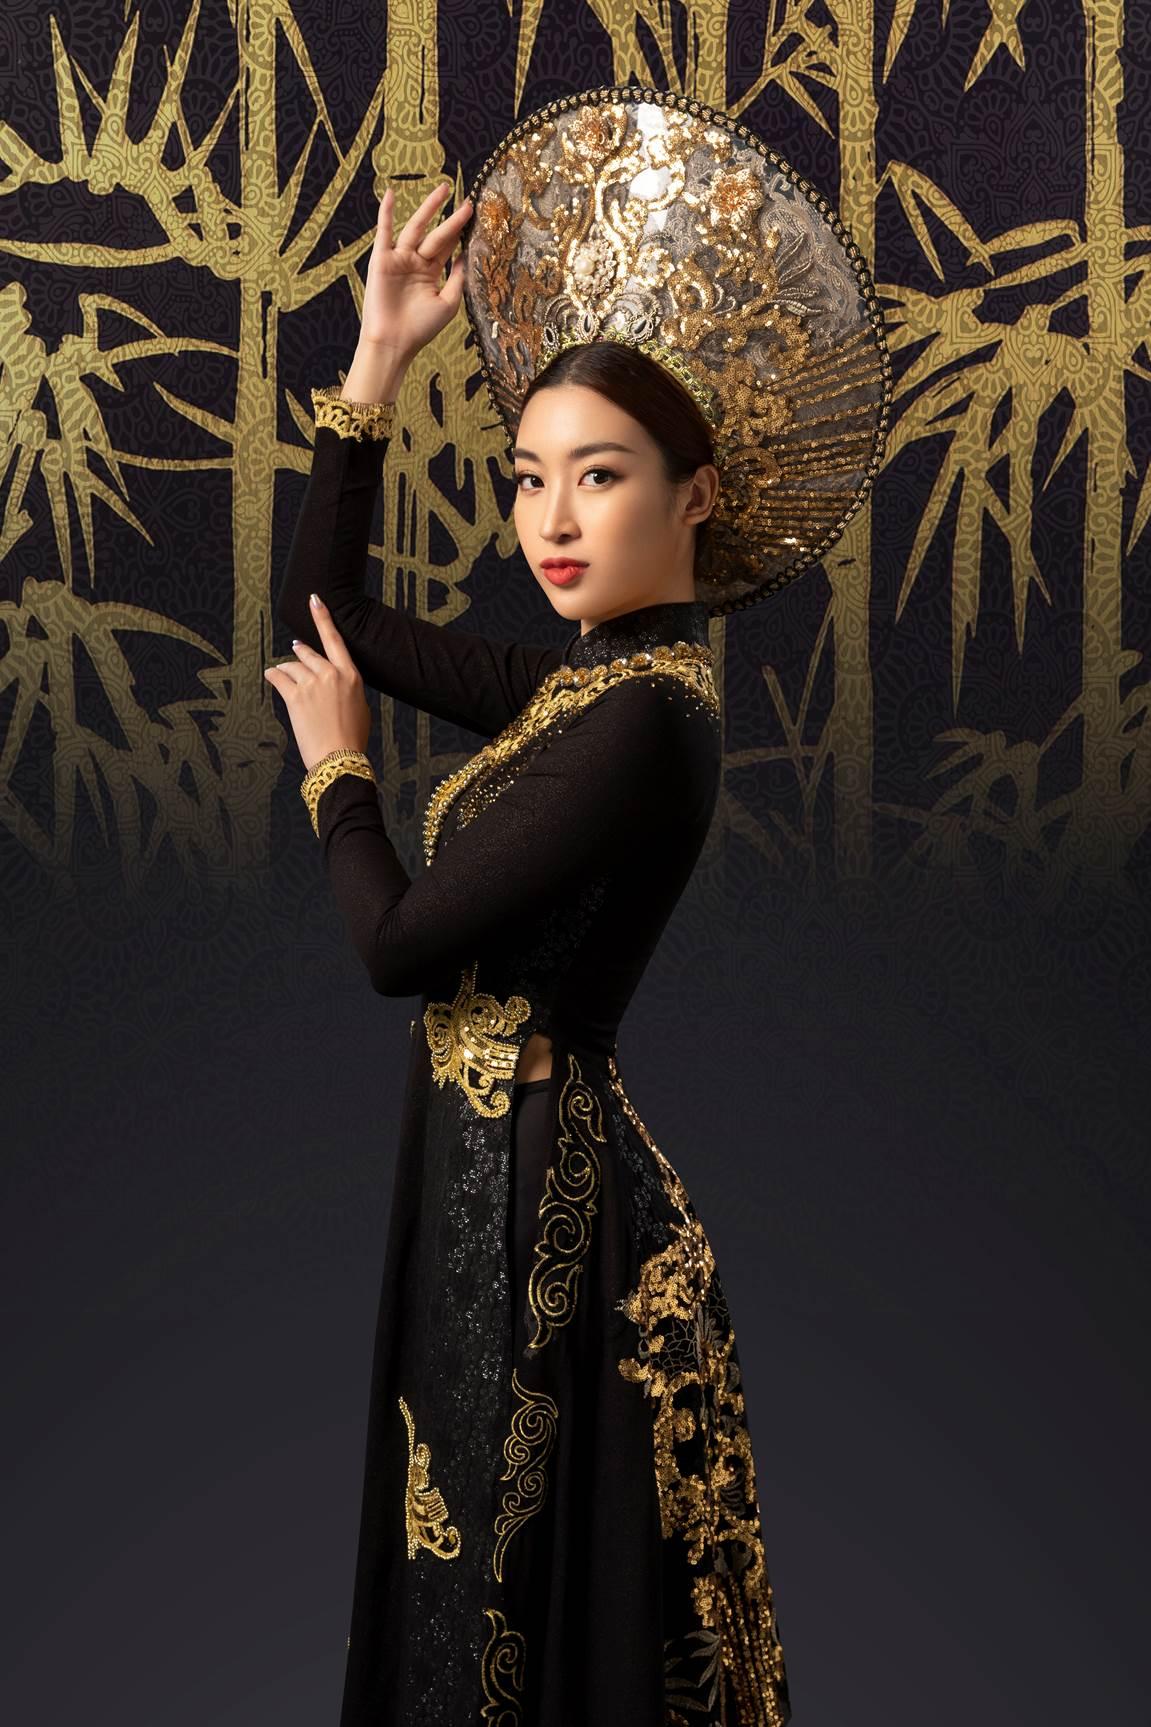 Bước ra từ cuộc thi Hoa hậu Việt Nam, Đỗ Mỹ Linh là một trong những người đẹp luôn được công chúng quan tâm, yêu mến. Không chỉ tích cực tham gia những hoạt động cộng đồng, Đỗ Mỹ còn luôn hăng hái góp mặt trong những dự án tôn vinh văn hoá, nhan sắc và trí tuệ phụ nữ Việt. Bộ ảnh mới đây của Hoa hậu Việt Nam 2016 kết hợp cùng Kingsport, một trong những thương hiệu hàng đầu trong ngành hàng thể thao Việt Nam, cũng được người hâm mộ chú ý.